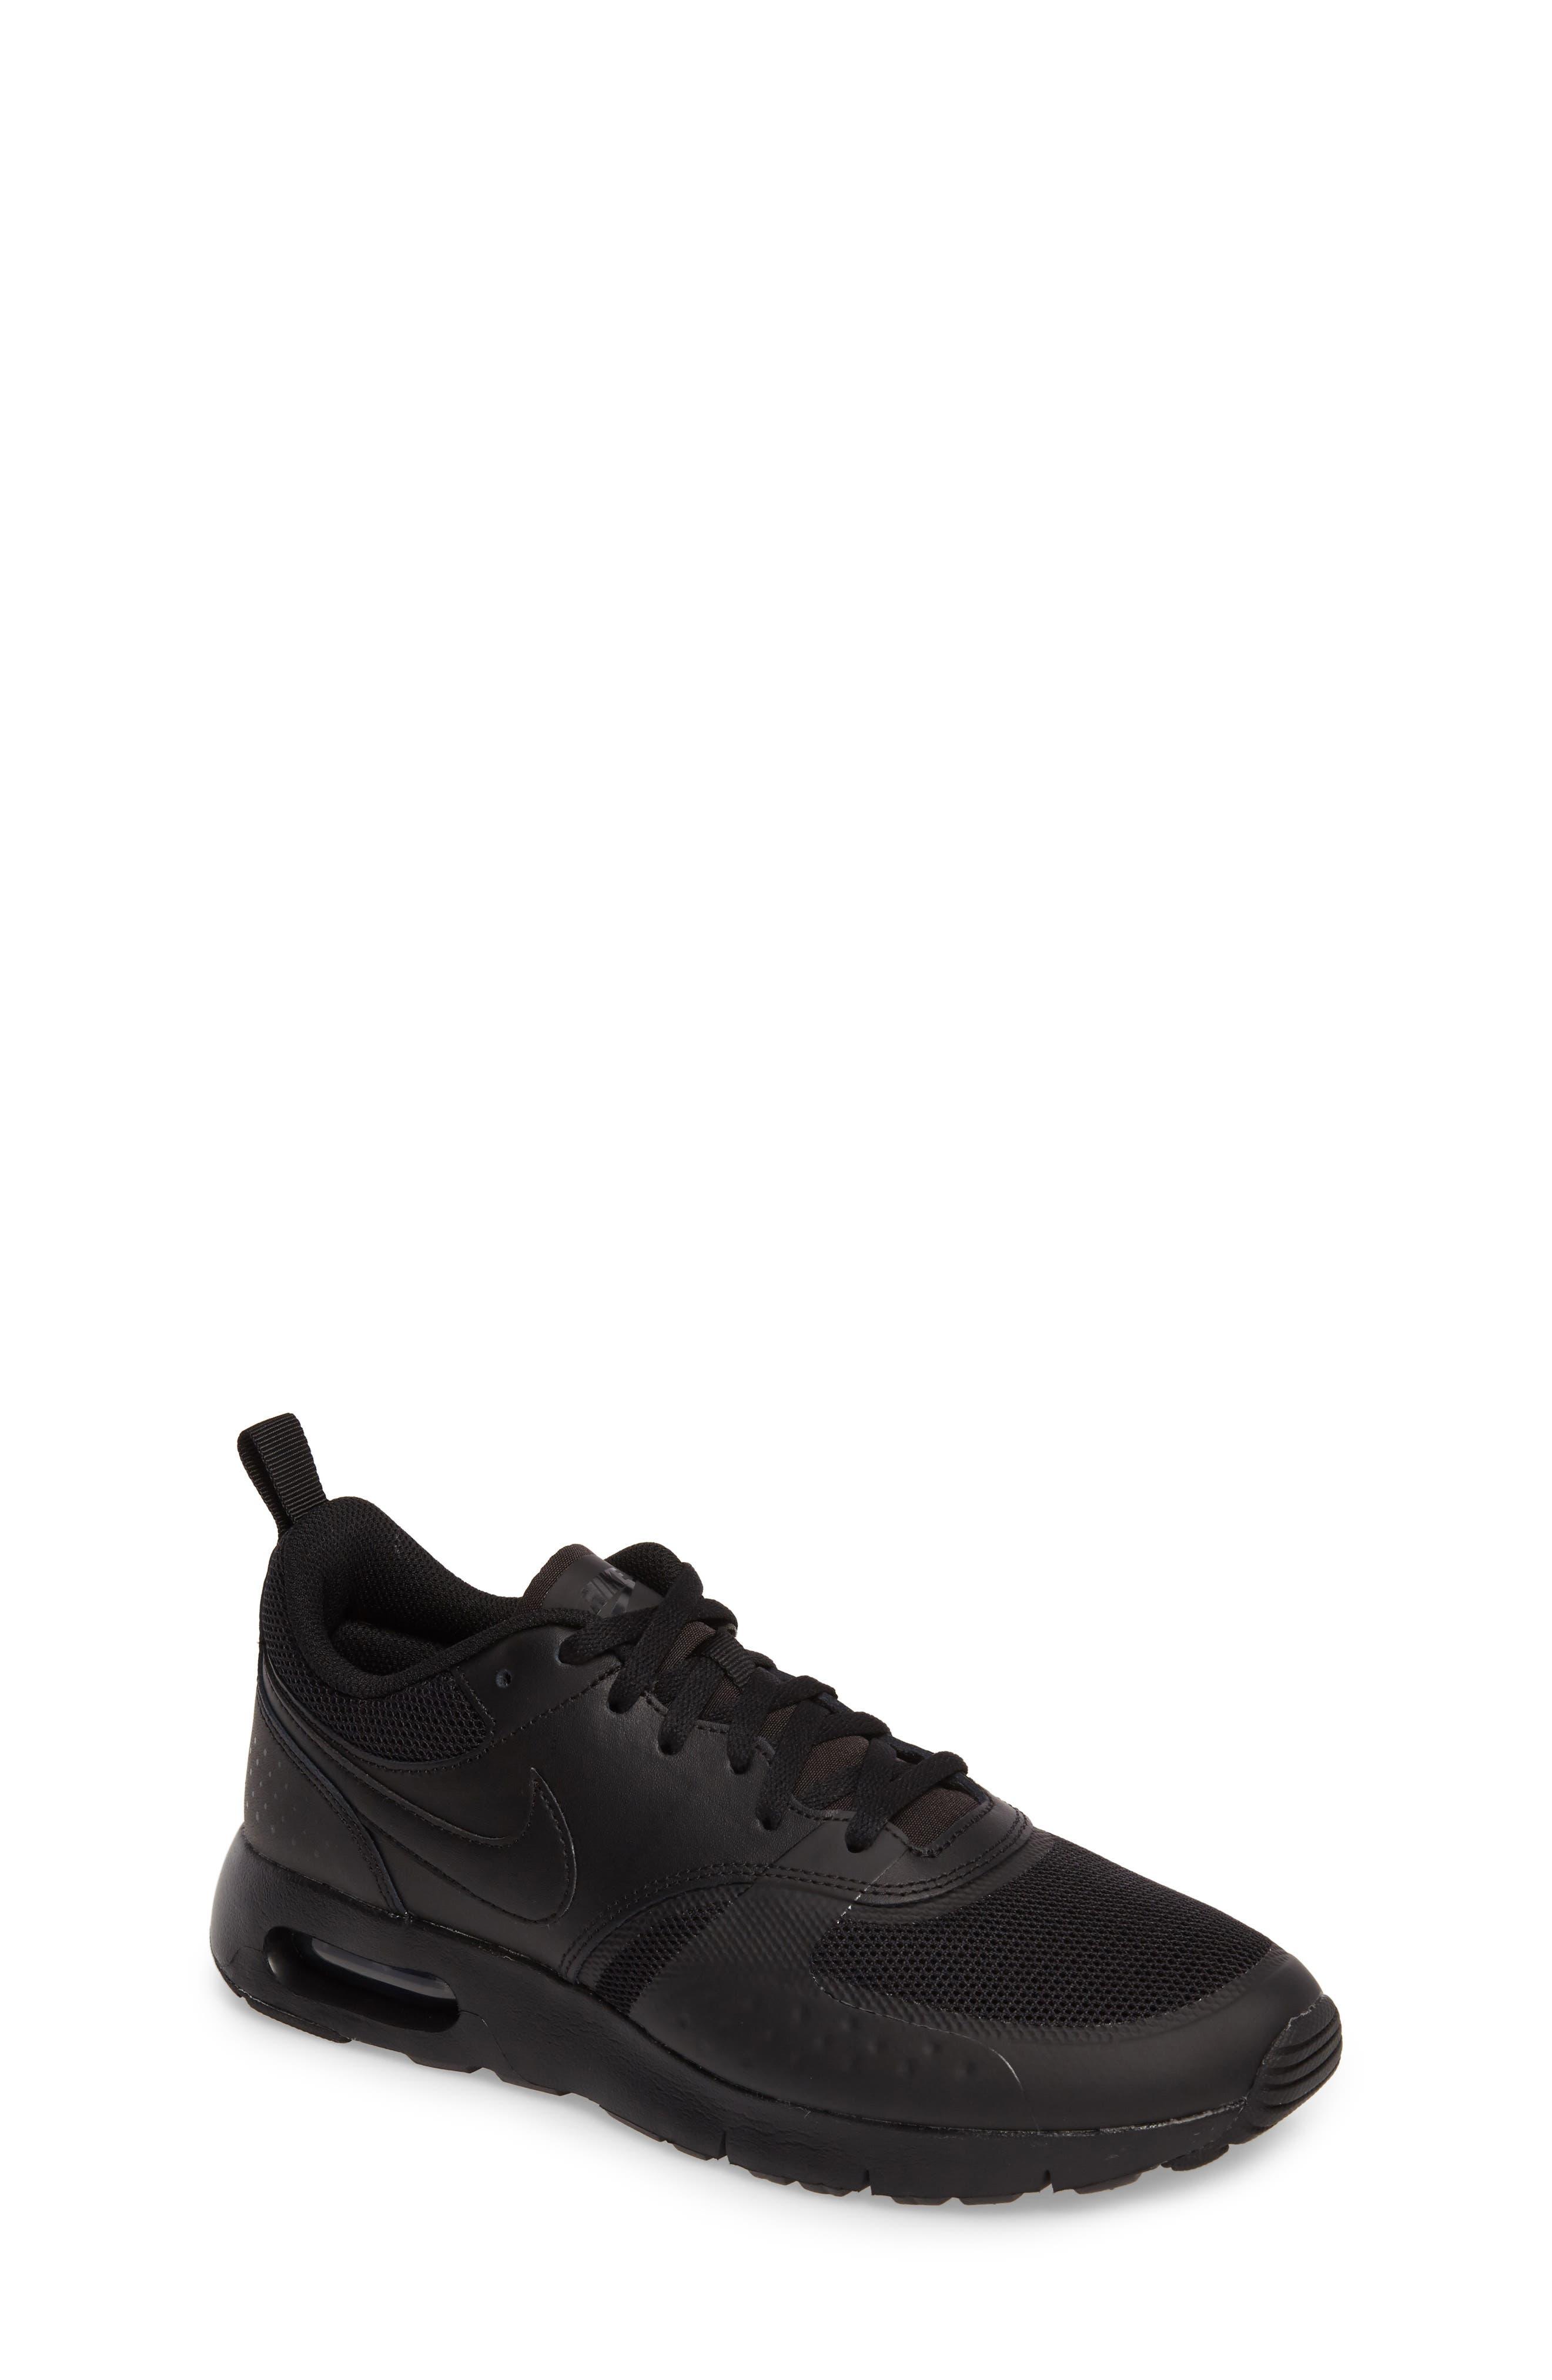 Air Max Vision Sneaker,                             Main thumbnail 1, color,                             Black